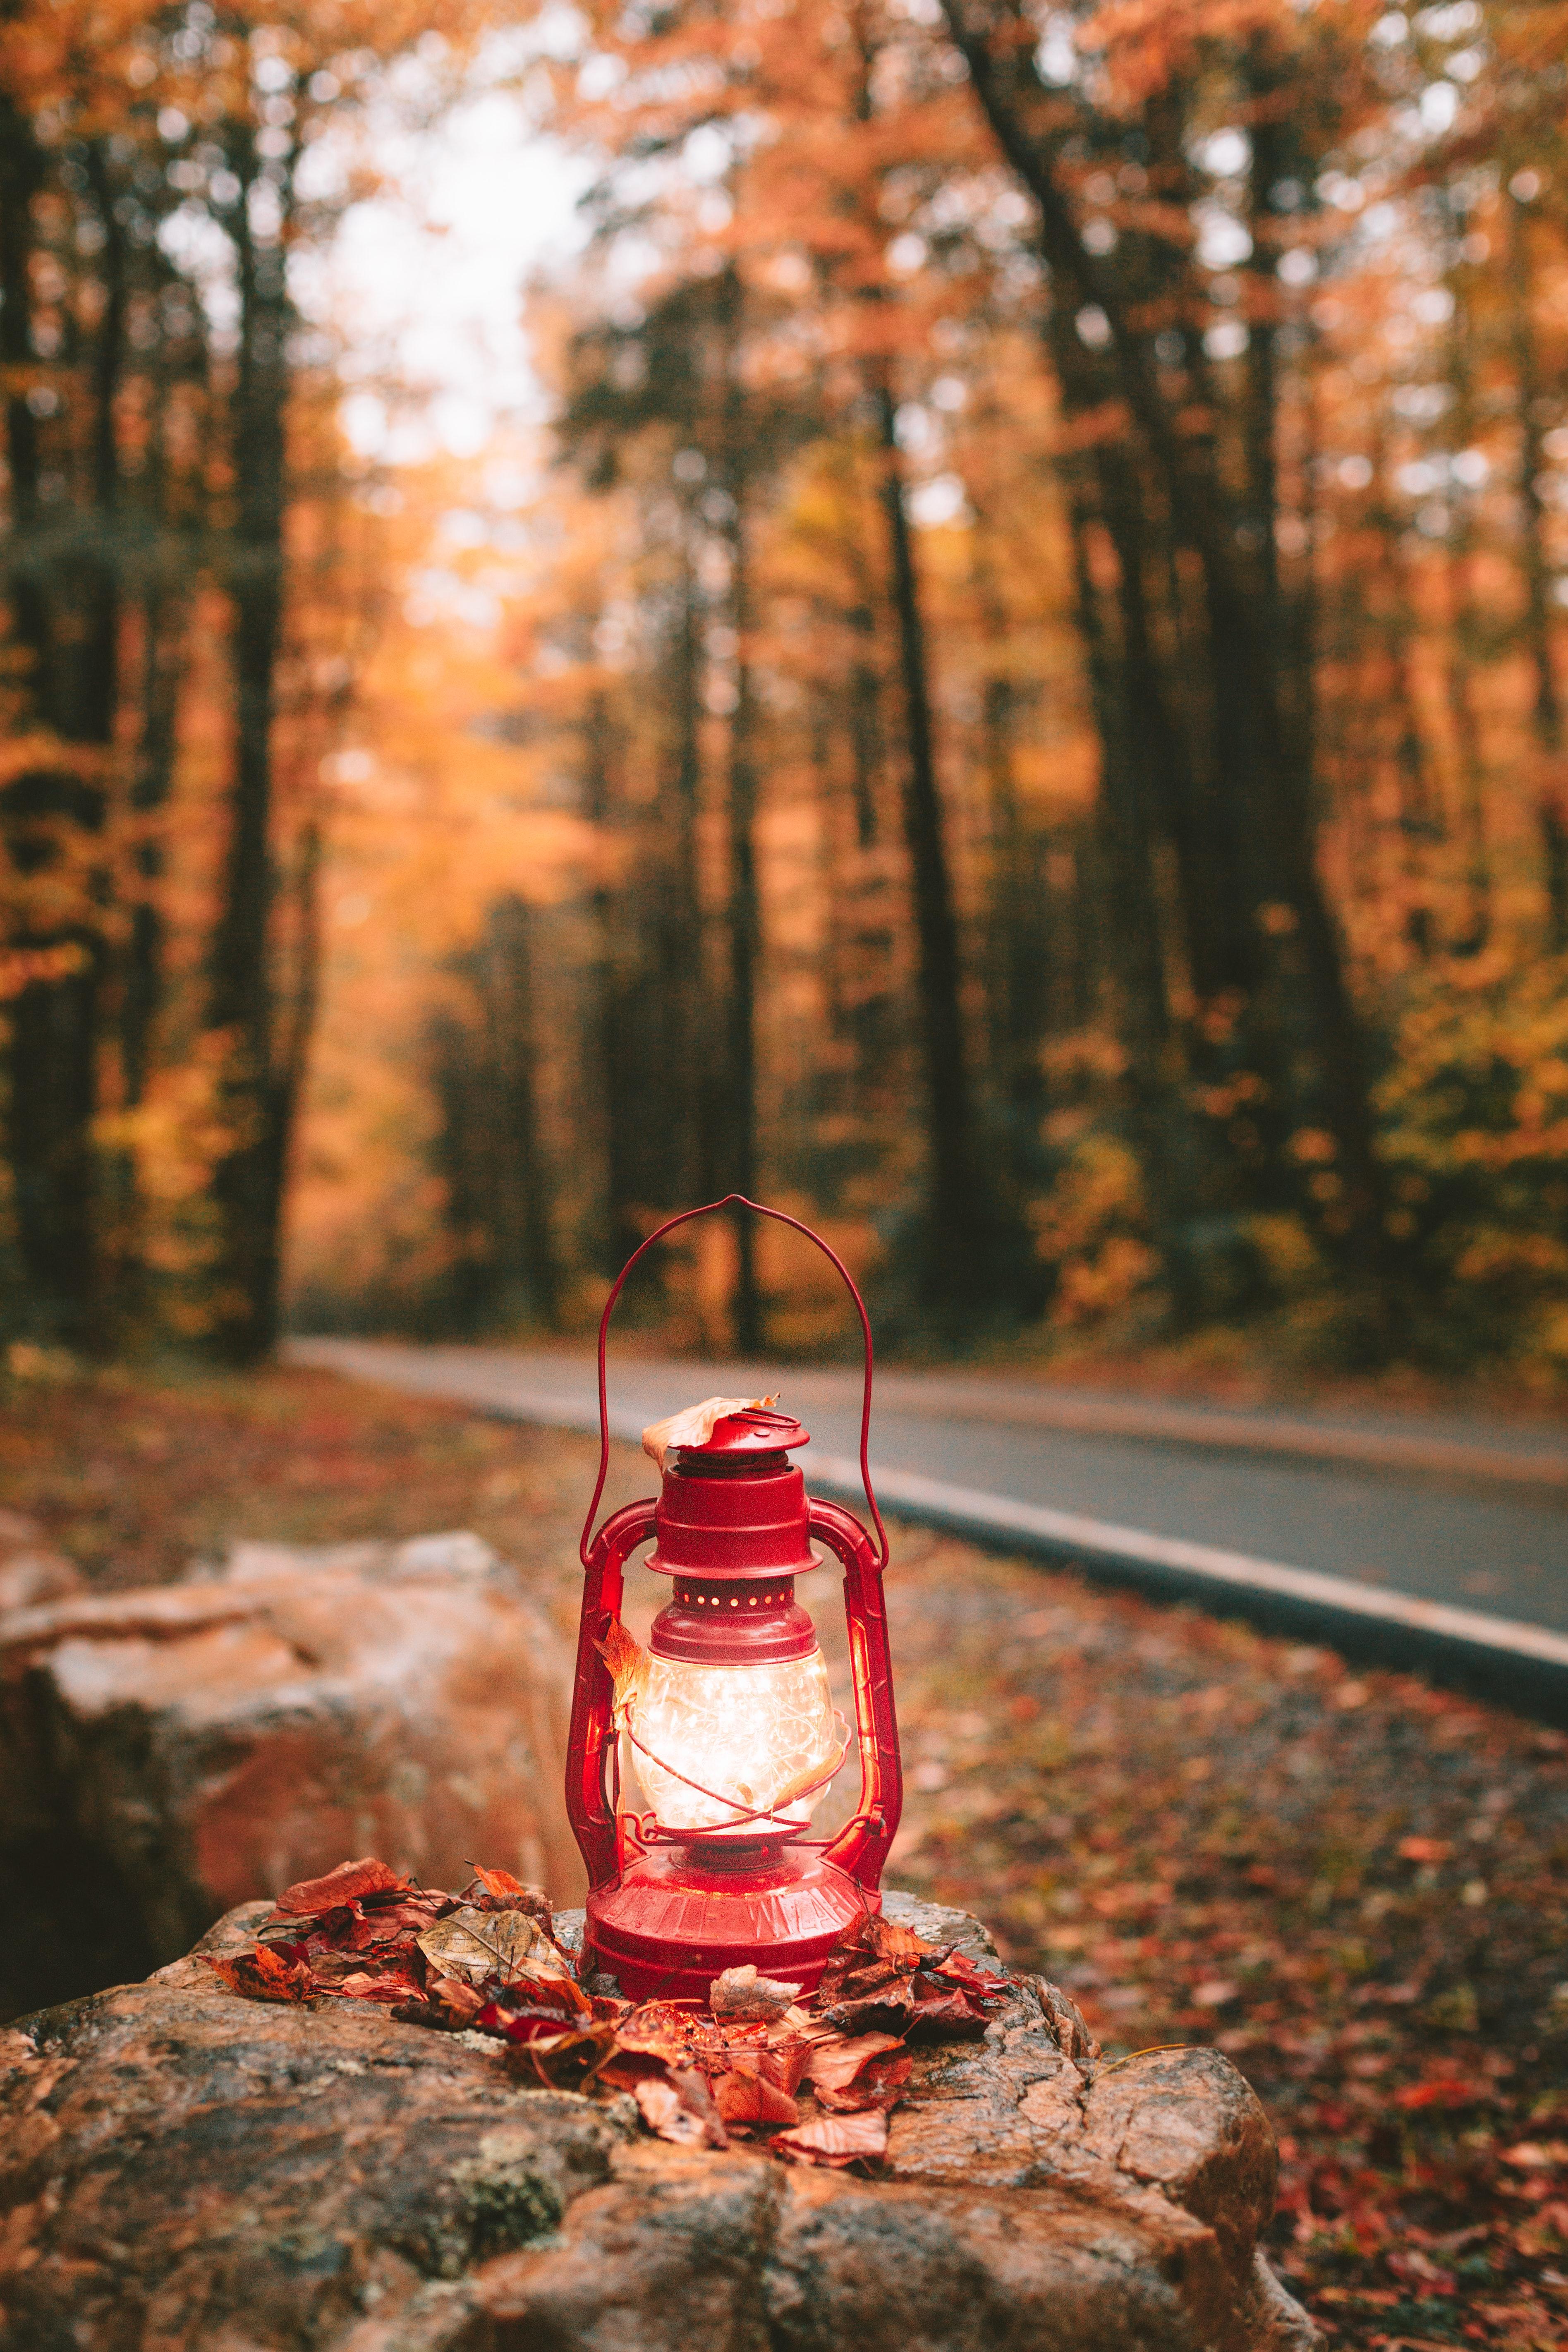 105962 скачать обои Разное, Фонарь, Свет, Красный, Осень - заставки и картинки бесплатно